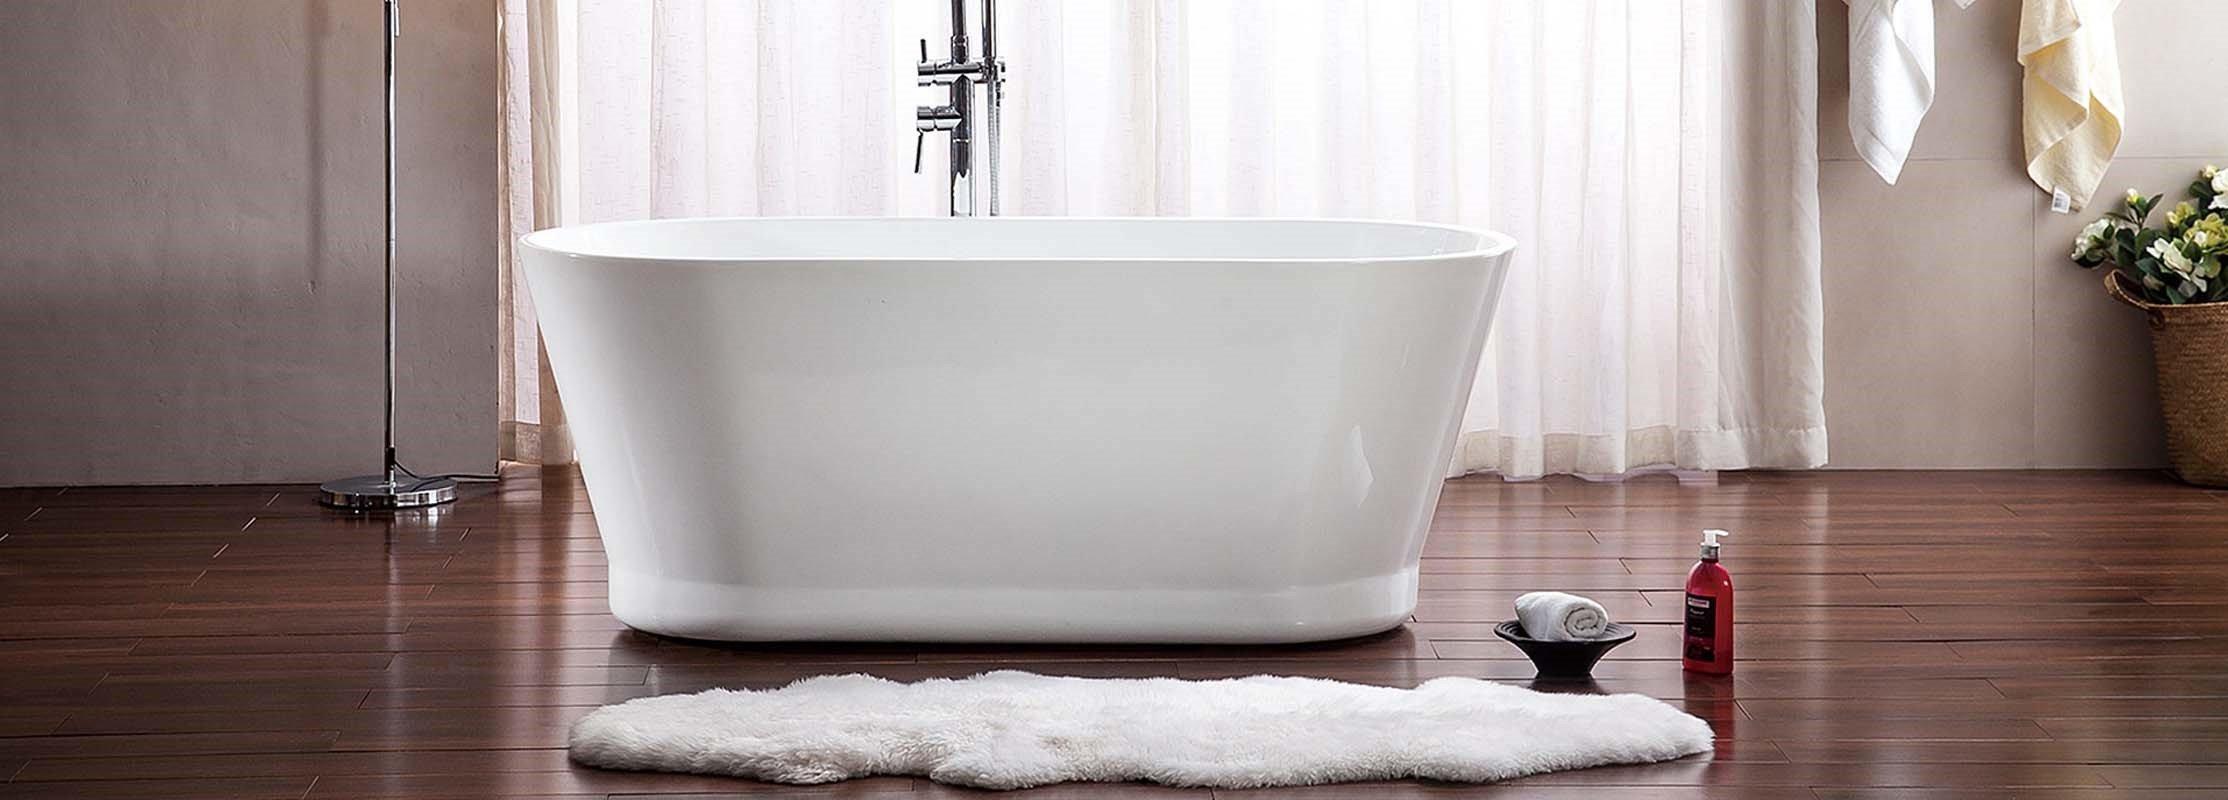 Bathlife – Badrumsmöbler och badrumsprodukter online – Bygghemma.se : ångbastu duschkabin : Inredning